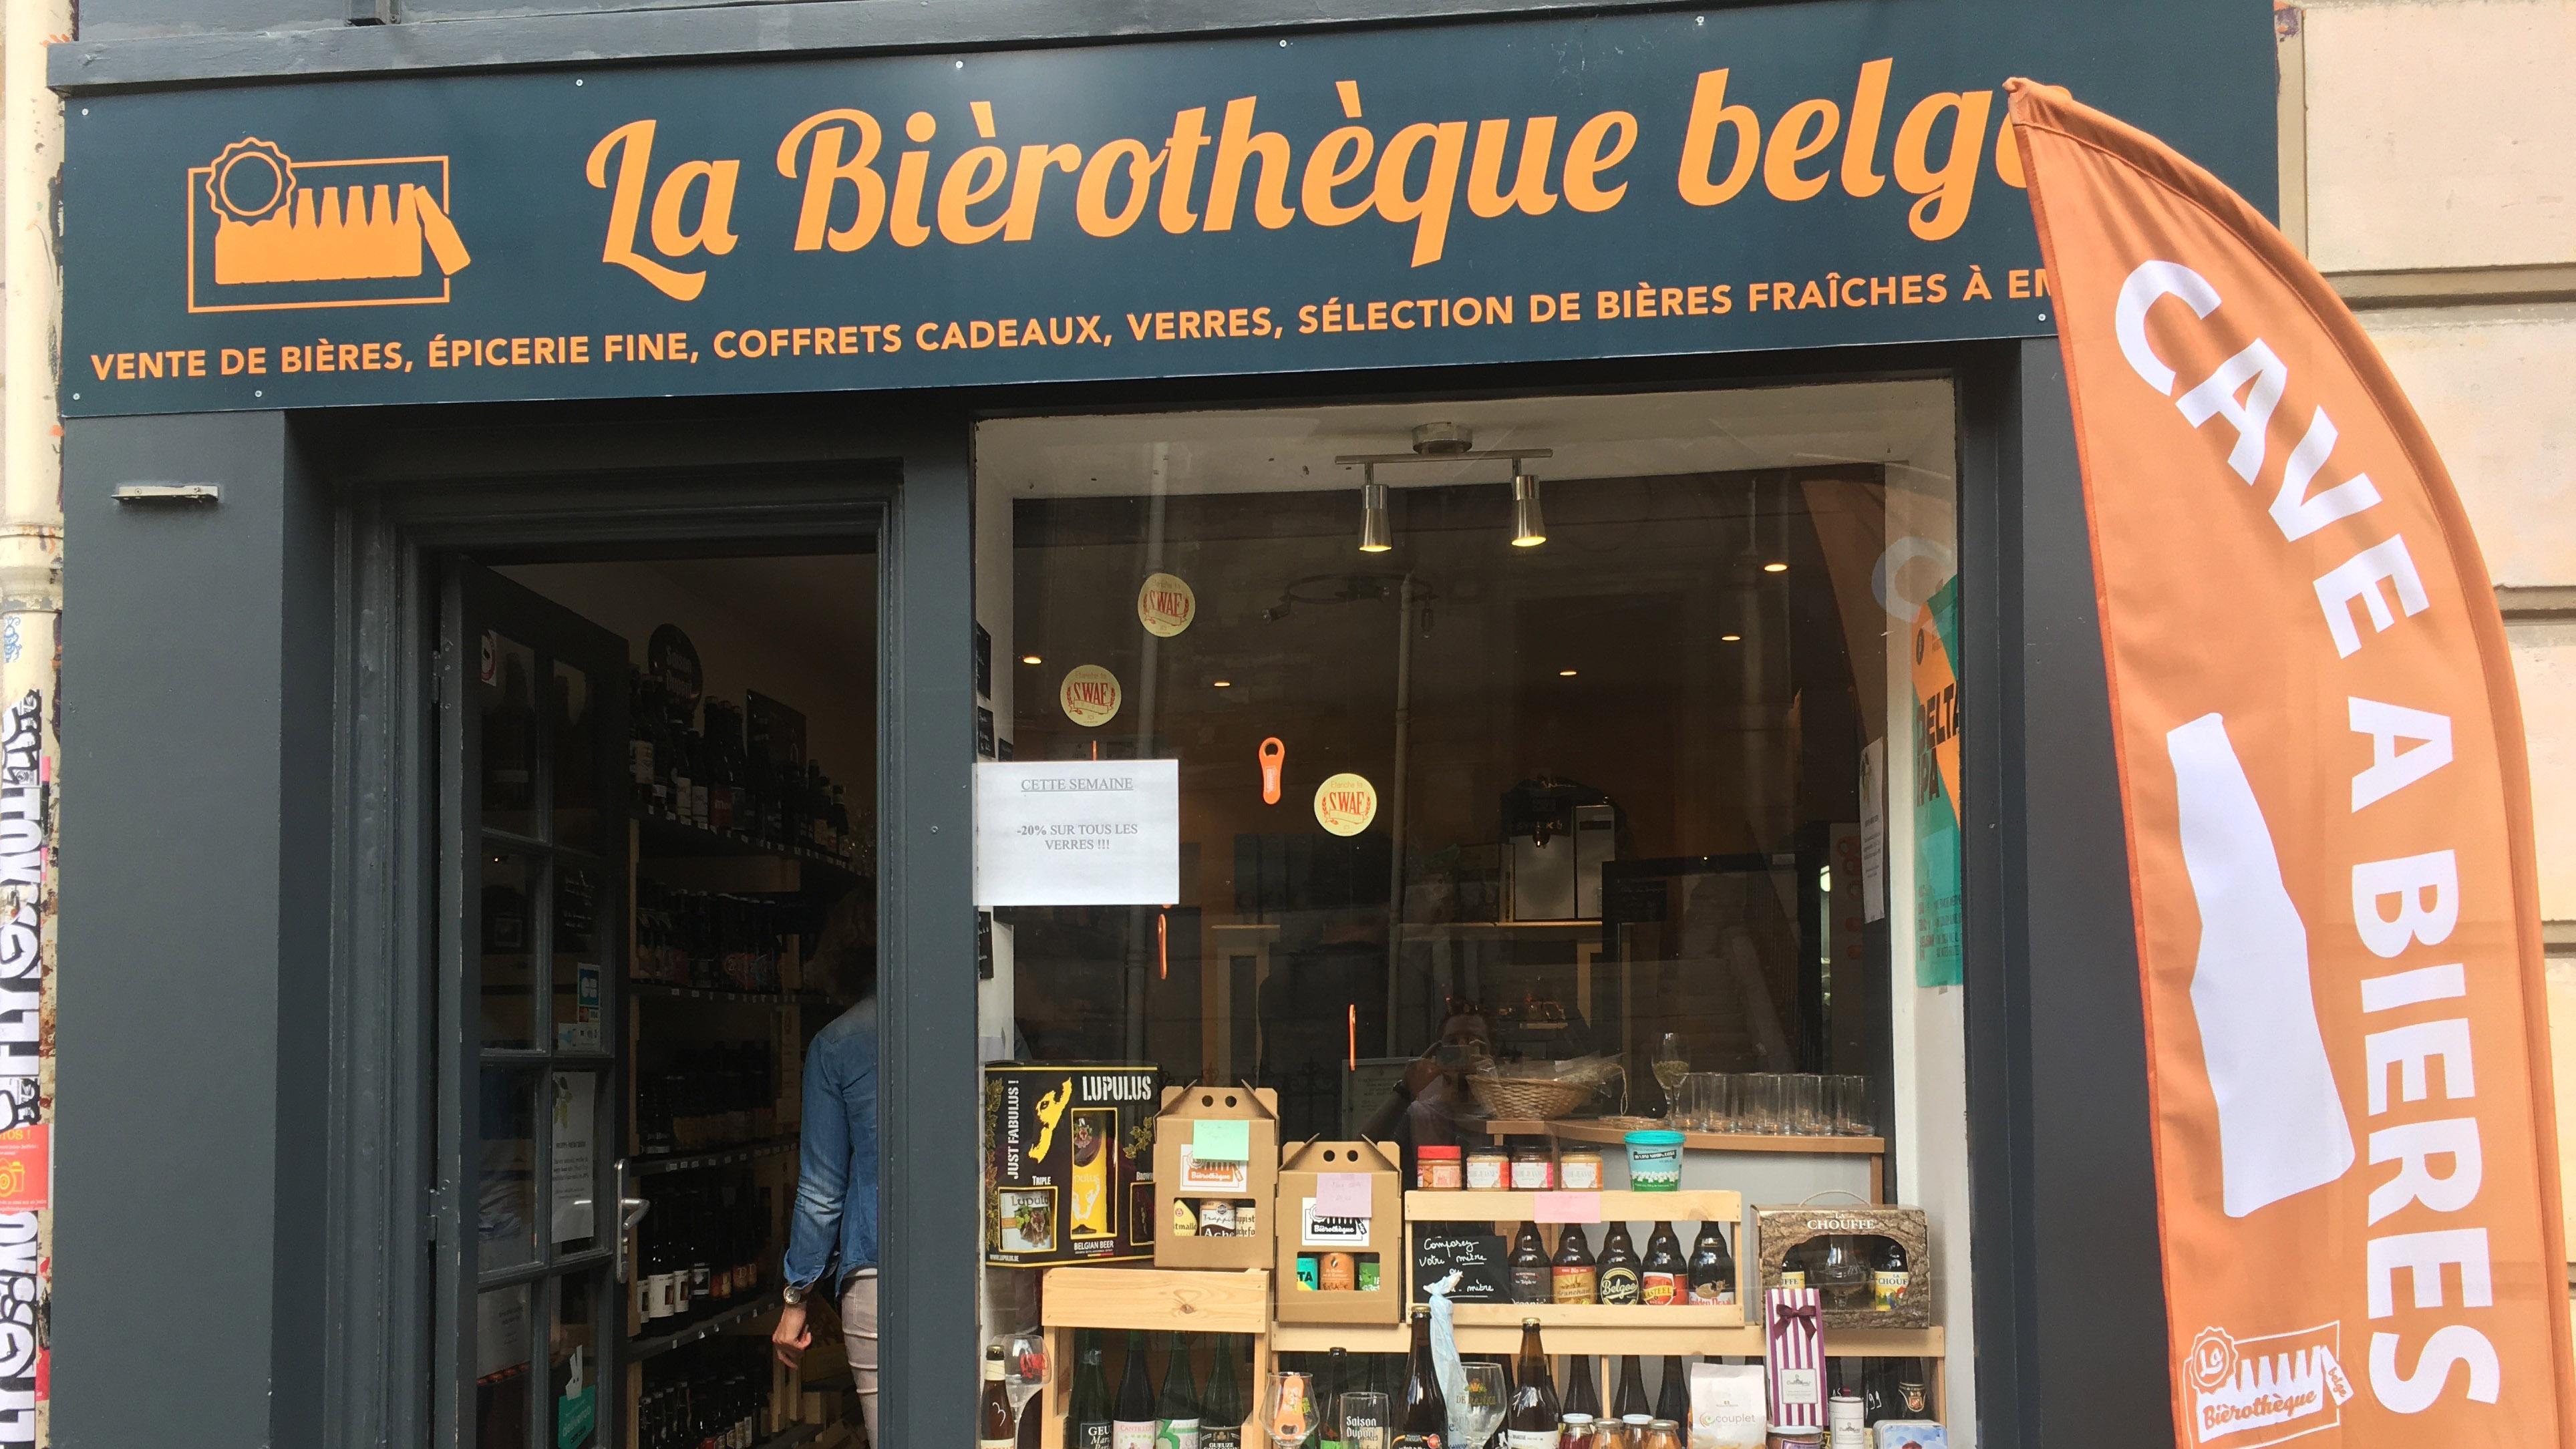 Bièrotheque belge